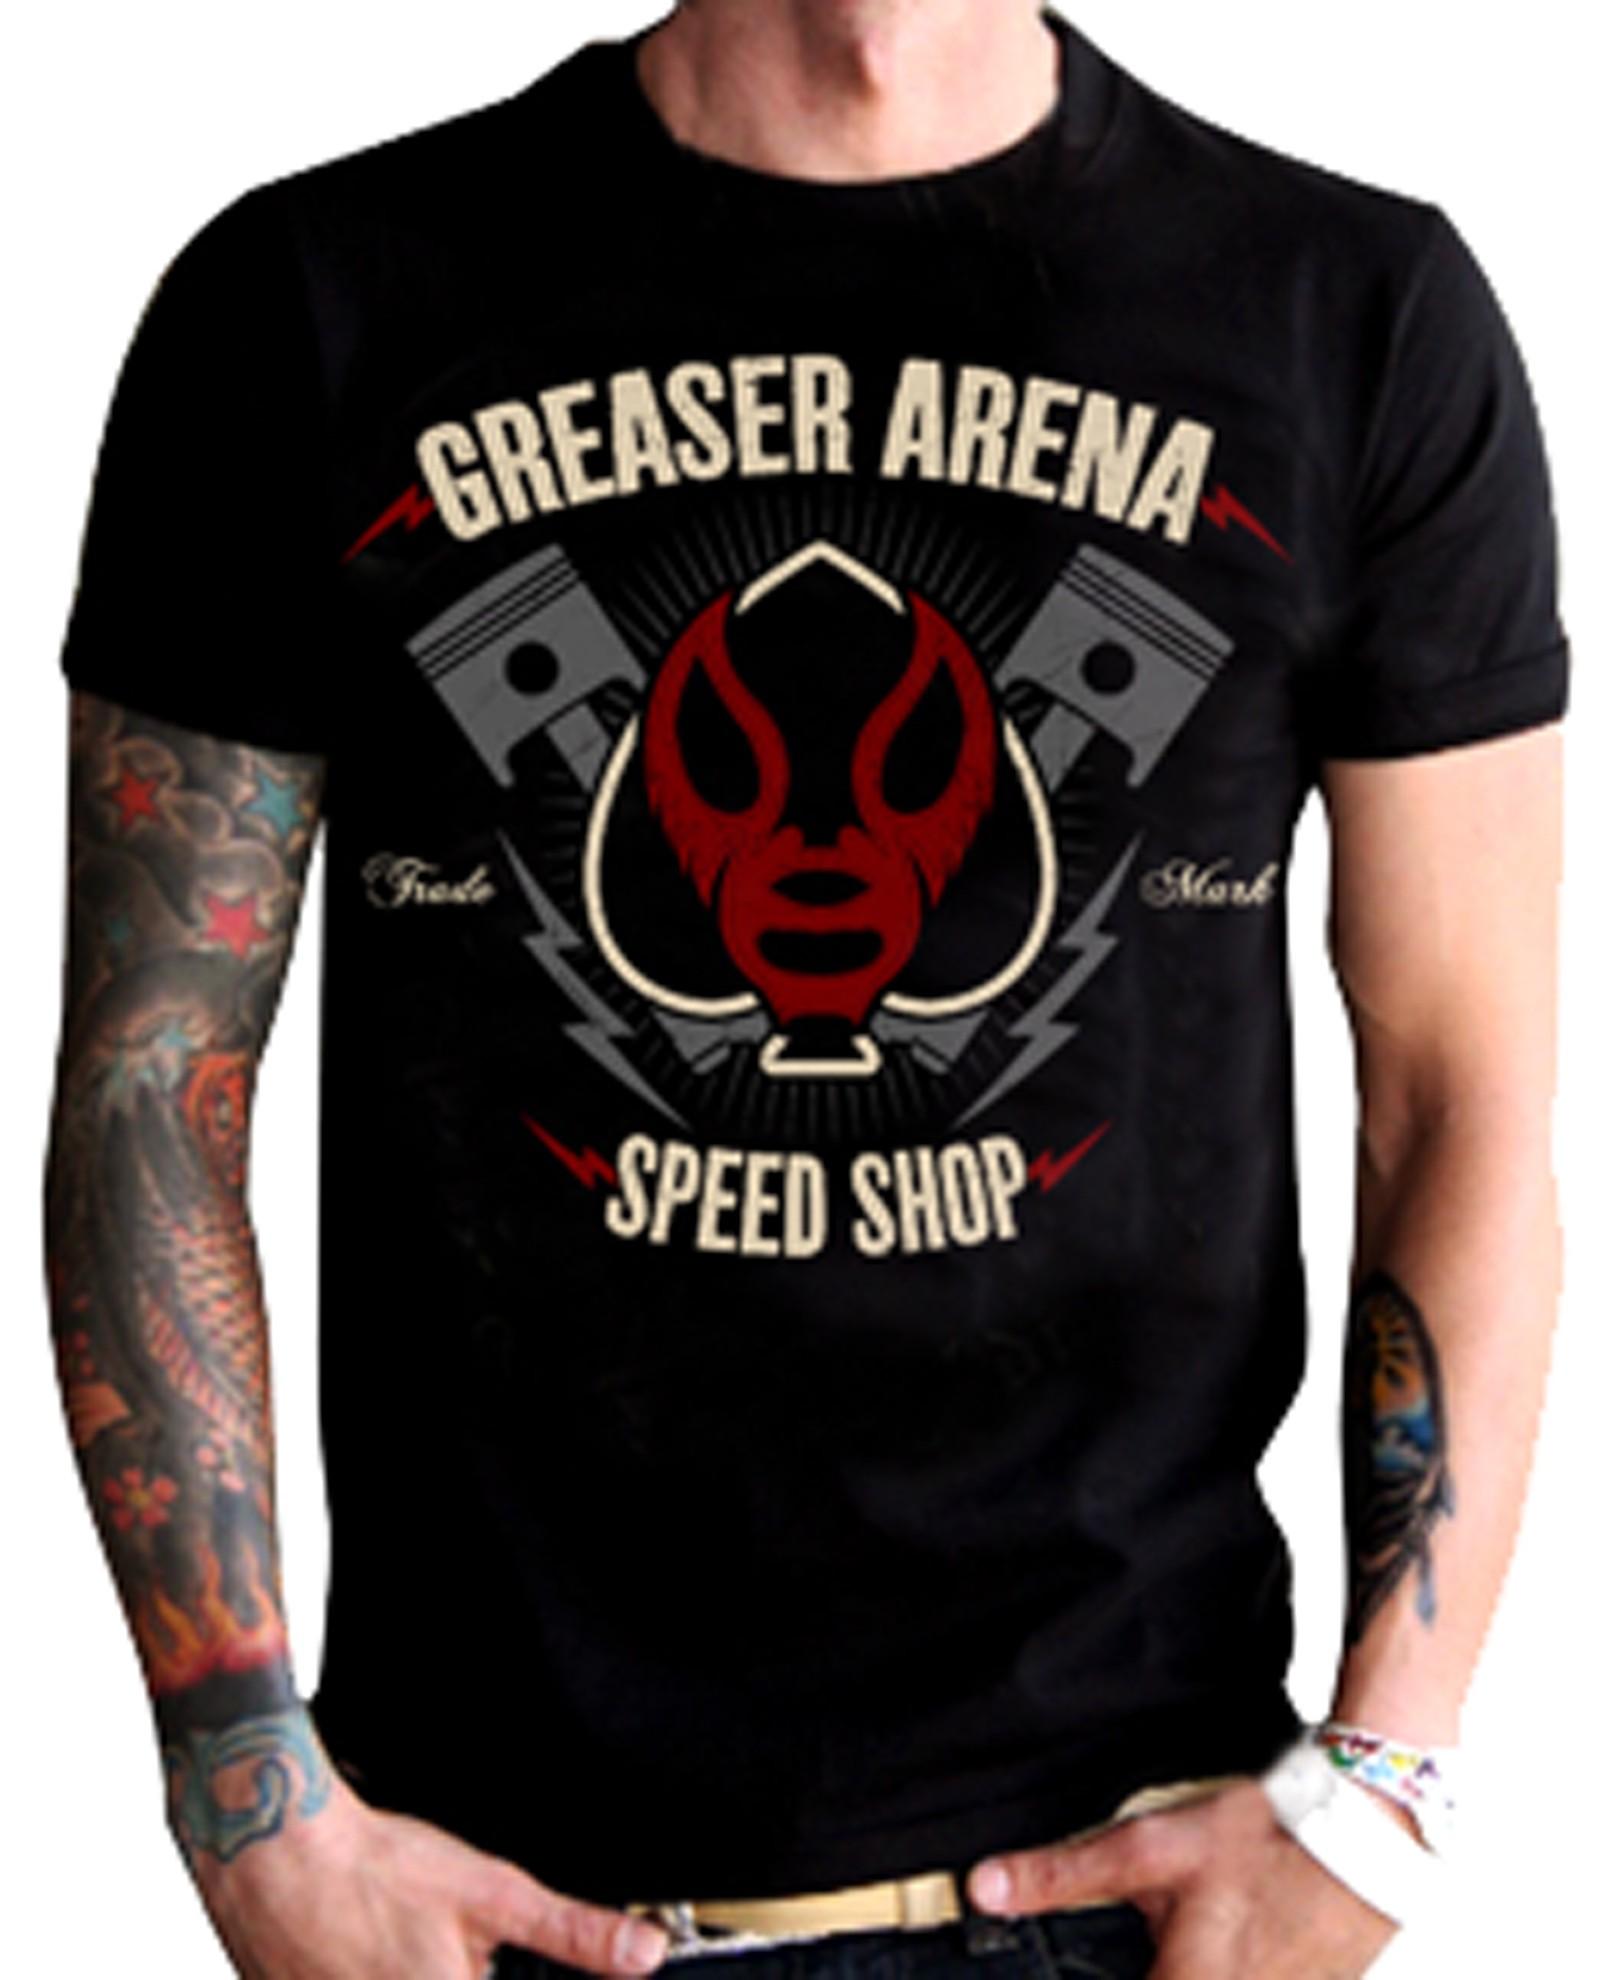 La Marca Del Diablo - Greaser Arena Speed Shop T-Shirt Front